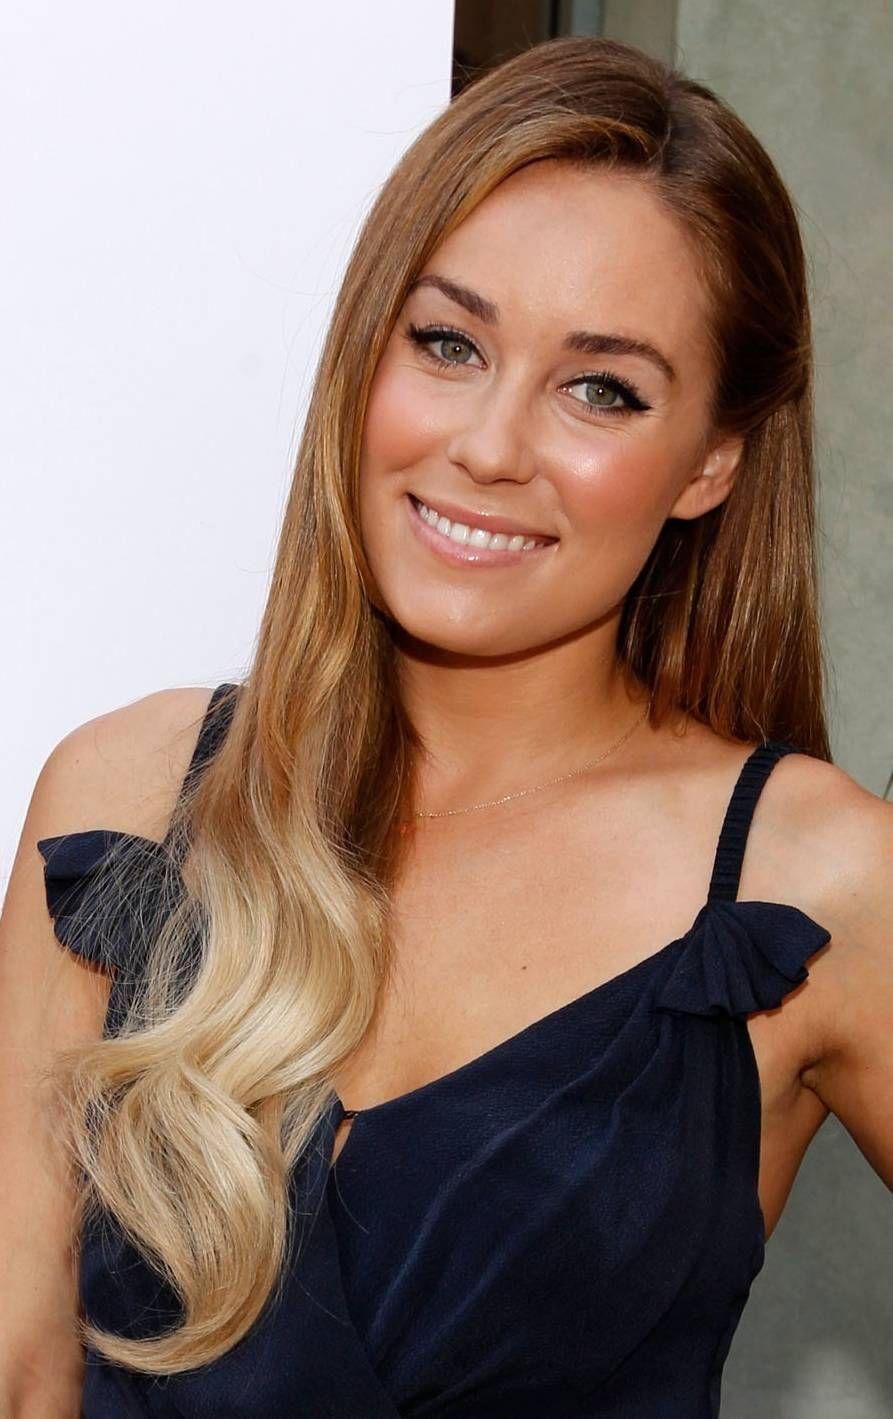 hair ombre Lauren conrad